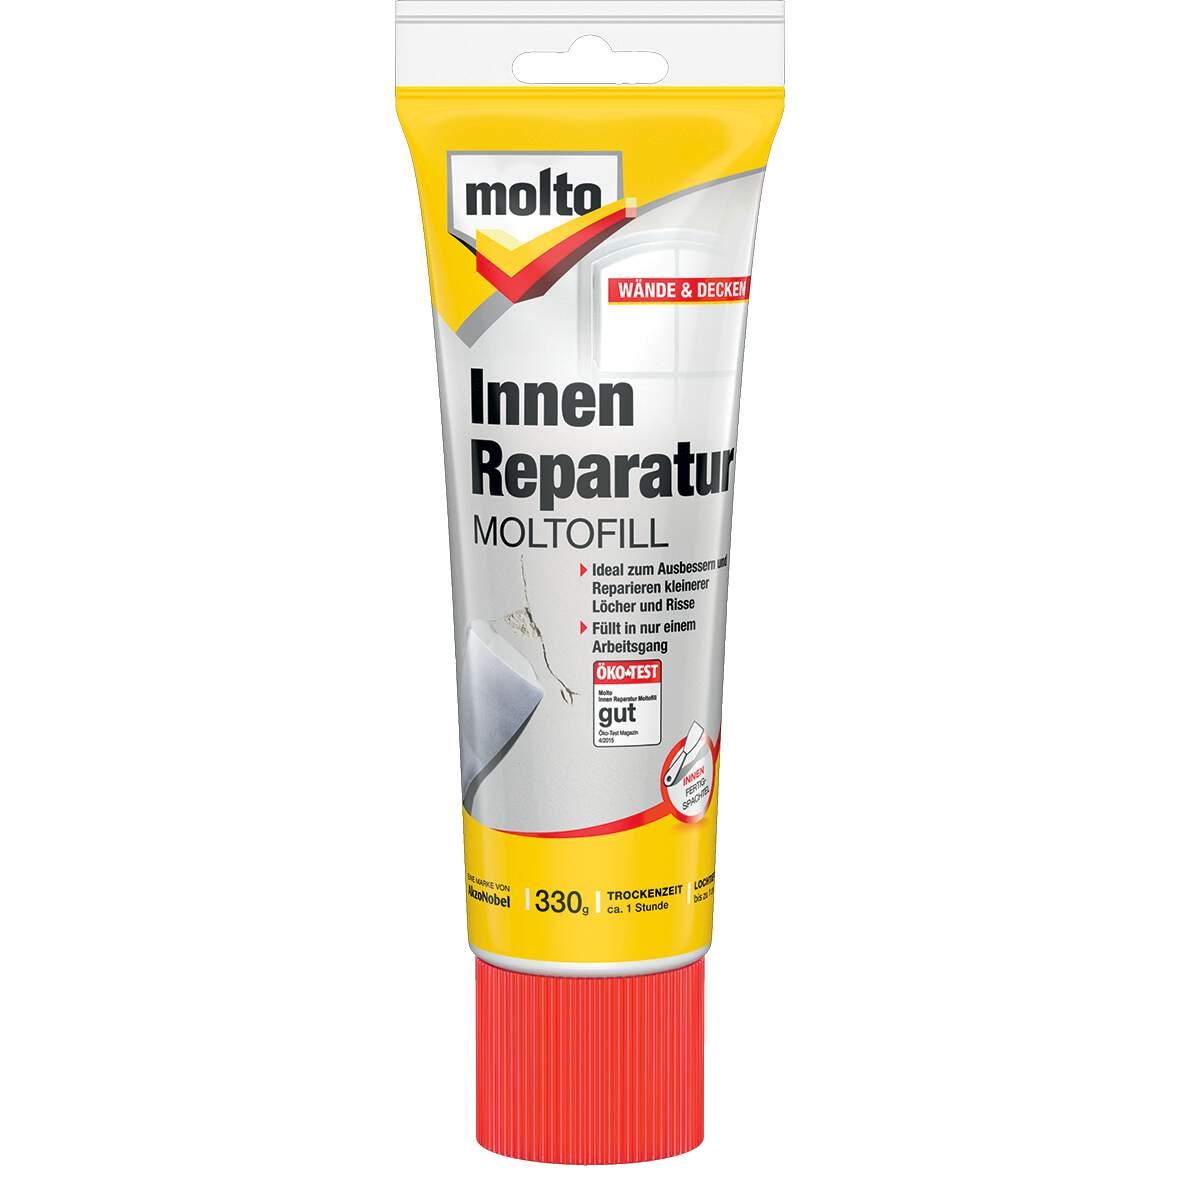 moltofill-fertig-innen 330 g (1038954) - let's doit - starke marken